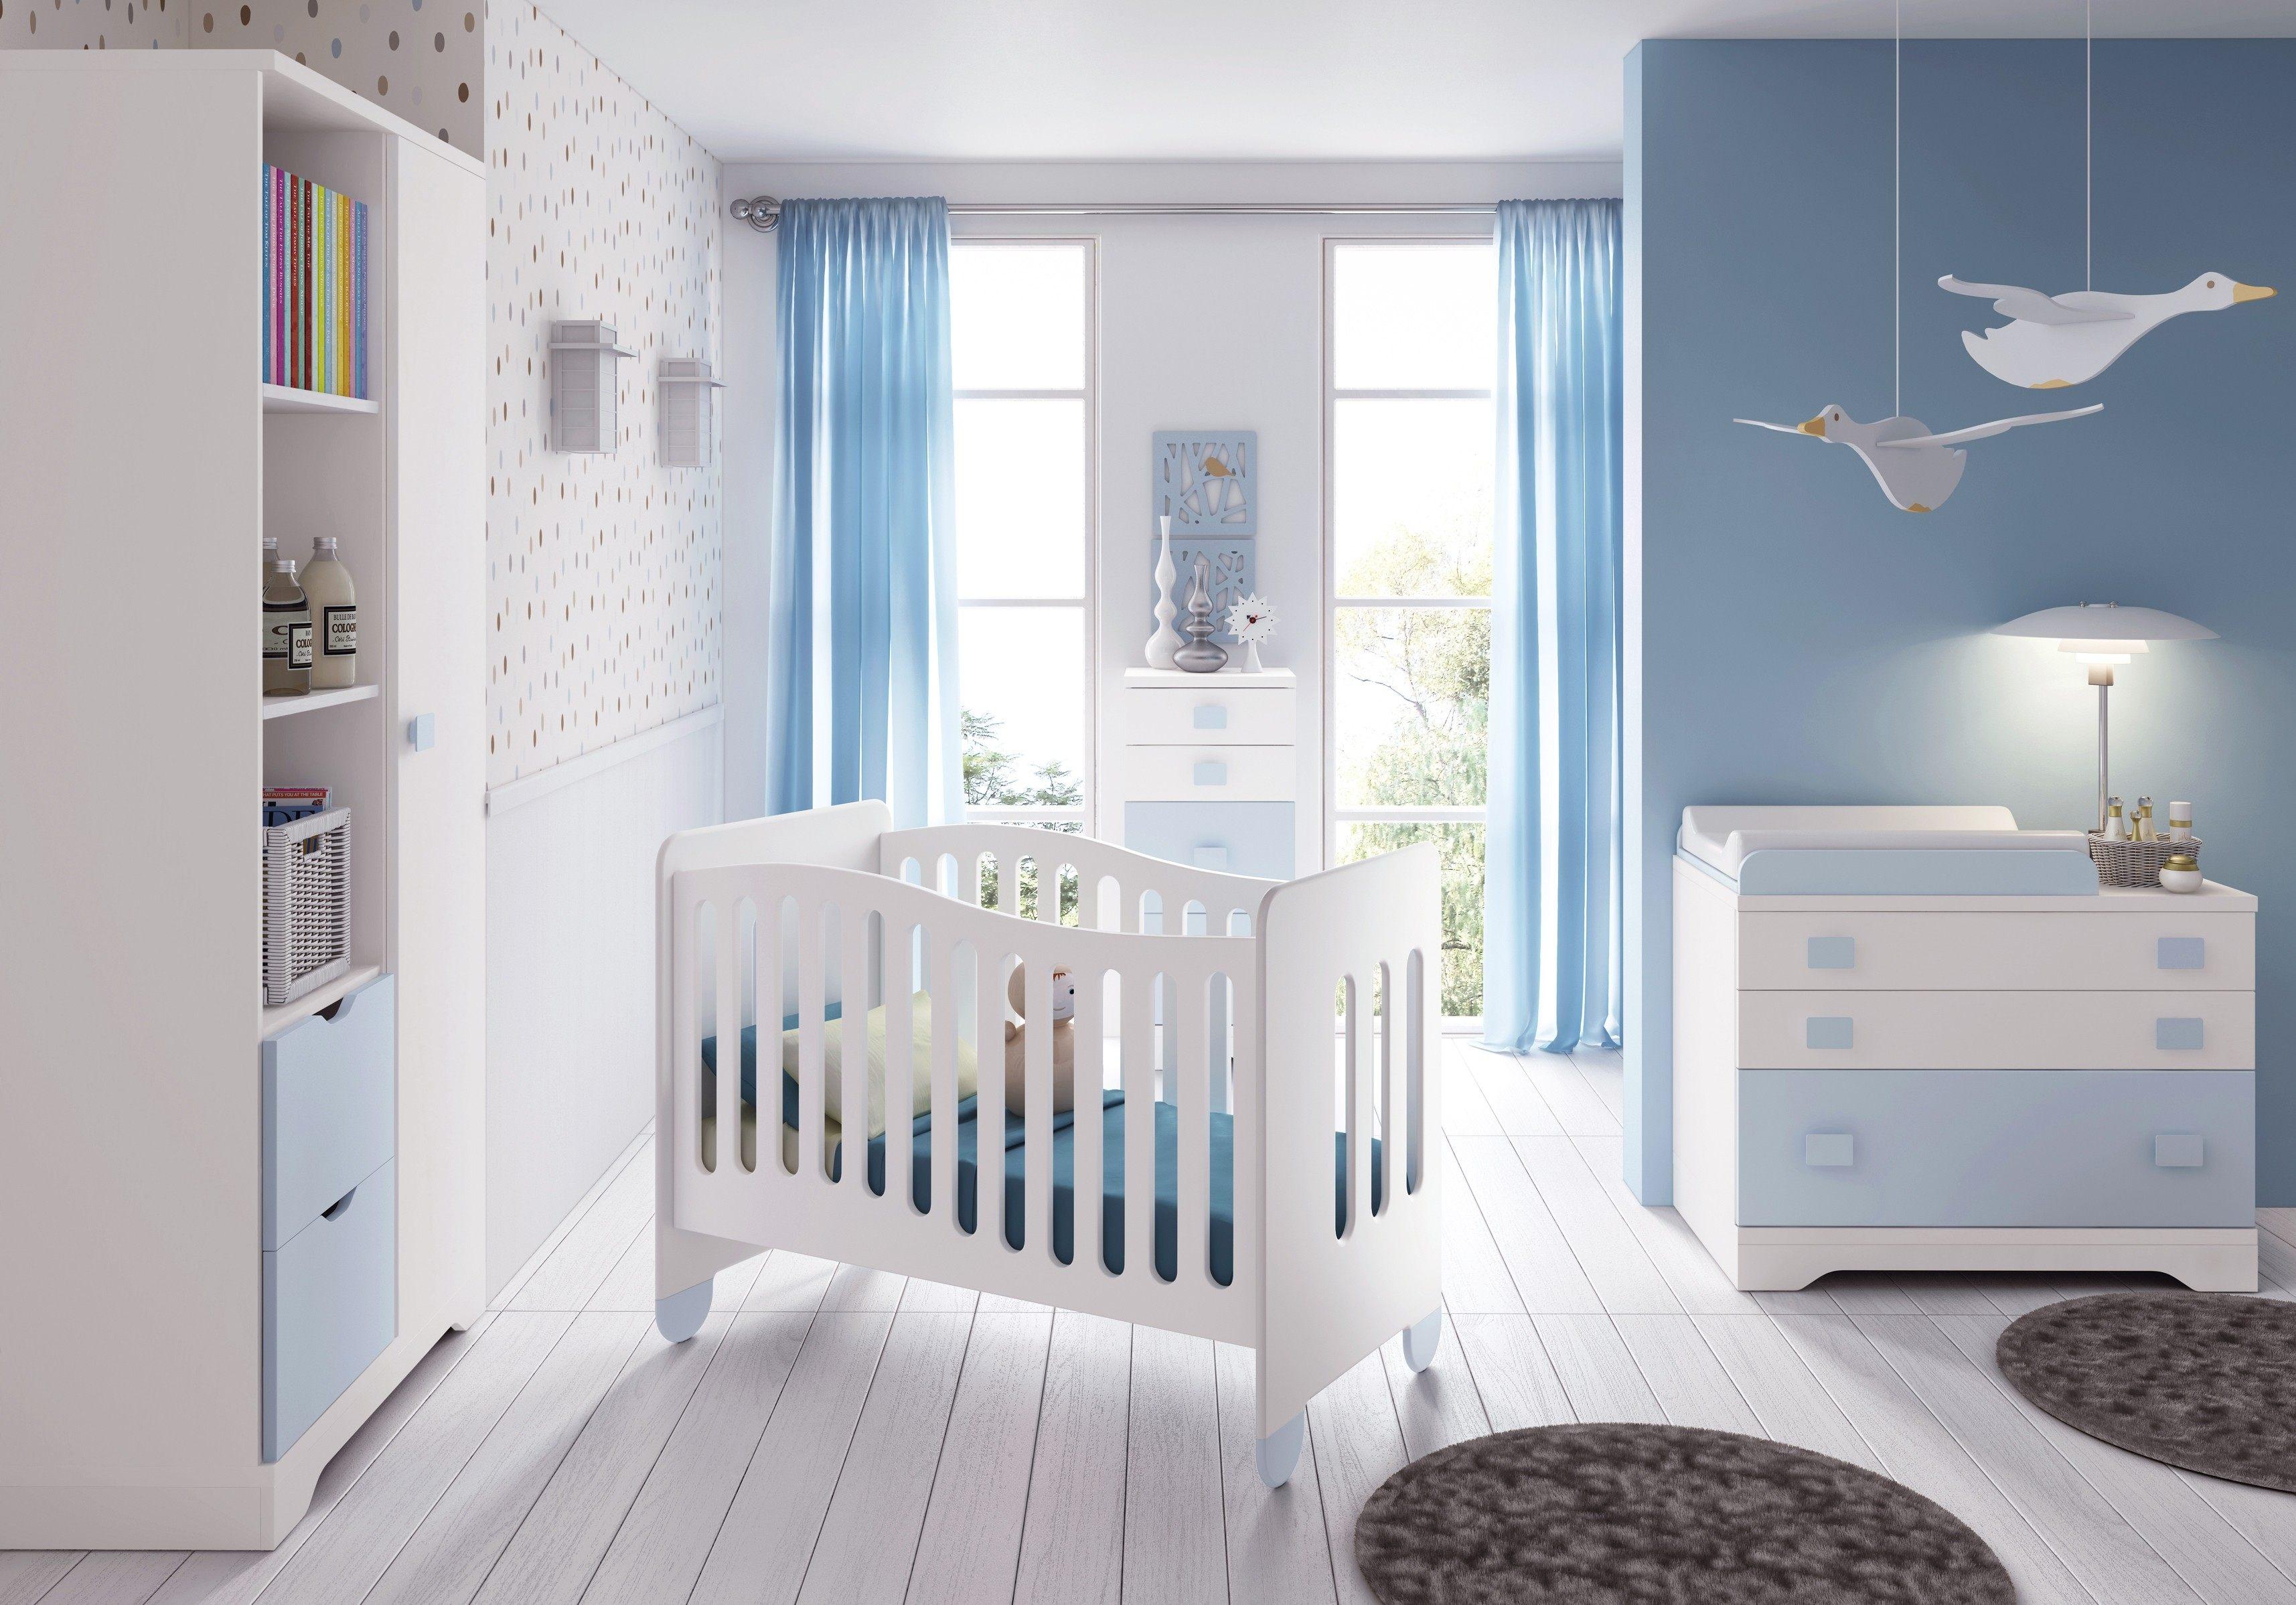 Quel Lit Pour Bébé 2 Ans Bel Chambre Bébé Montessori – Appiar